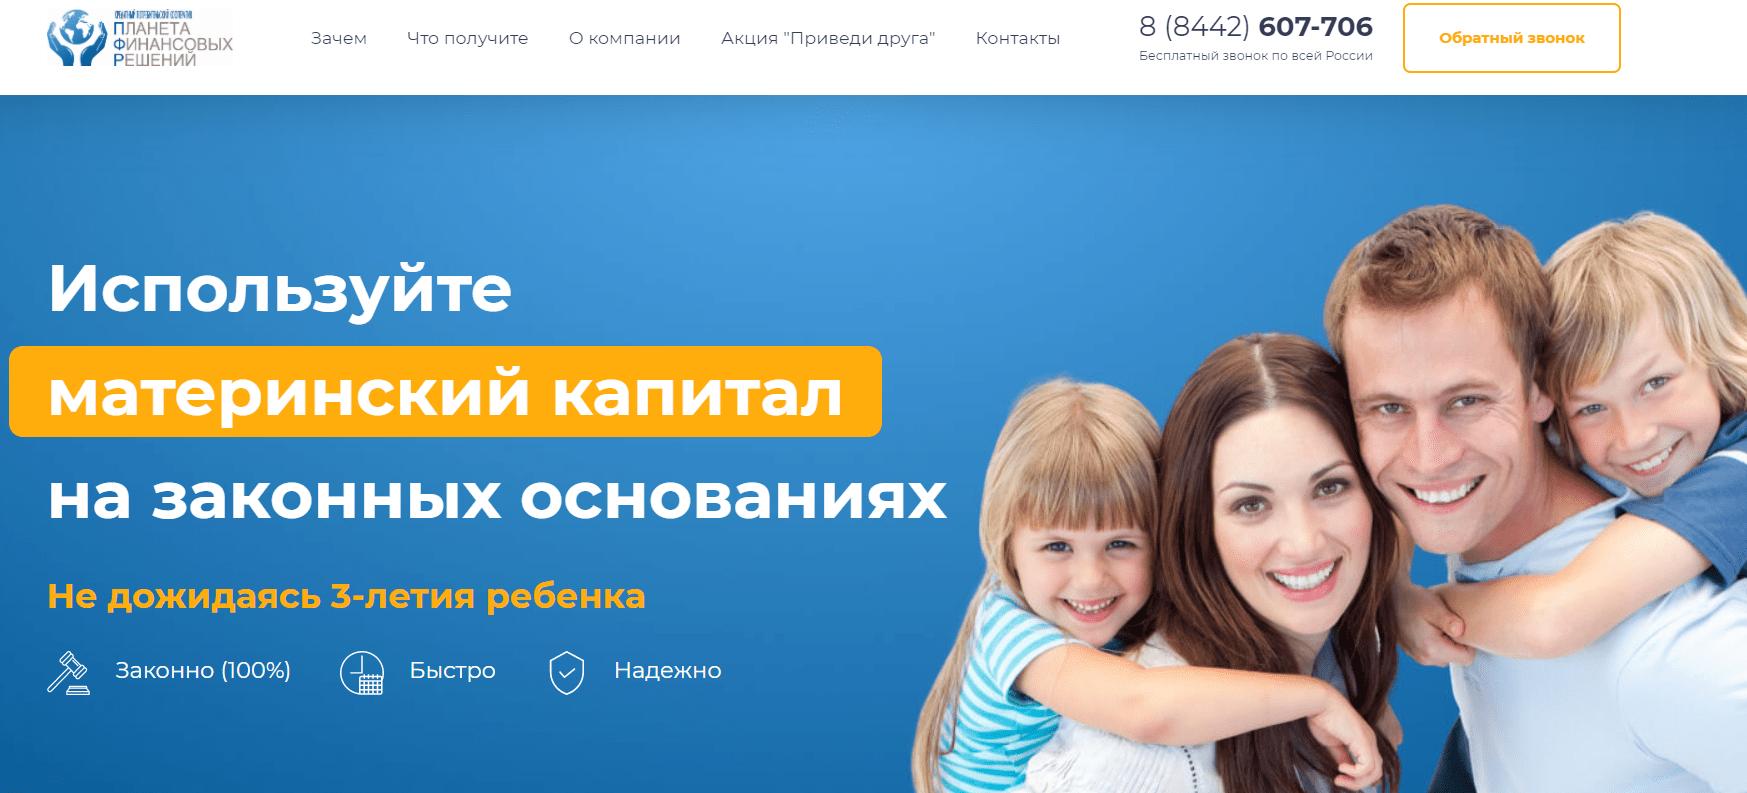 Вся информация о кредитном кооперативе Планета Финансовых решений, Фото № 1 - 1-consult.net